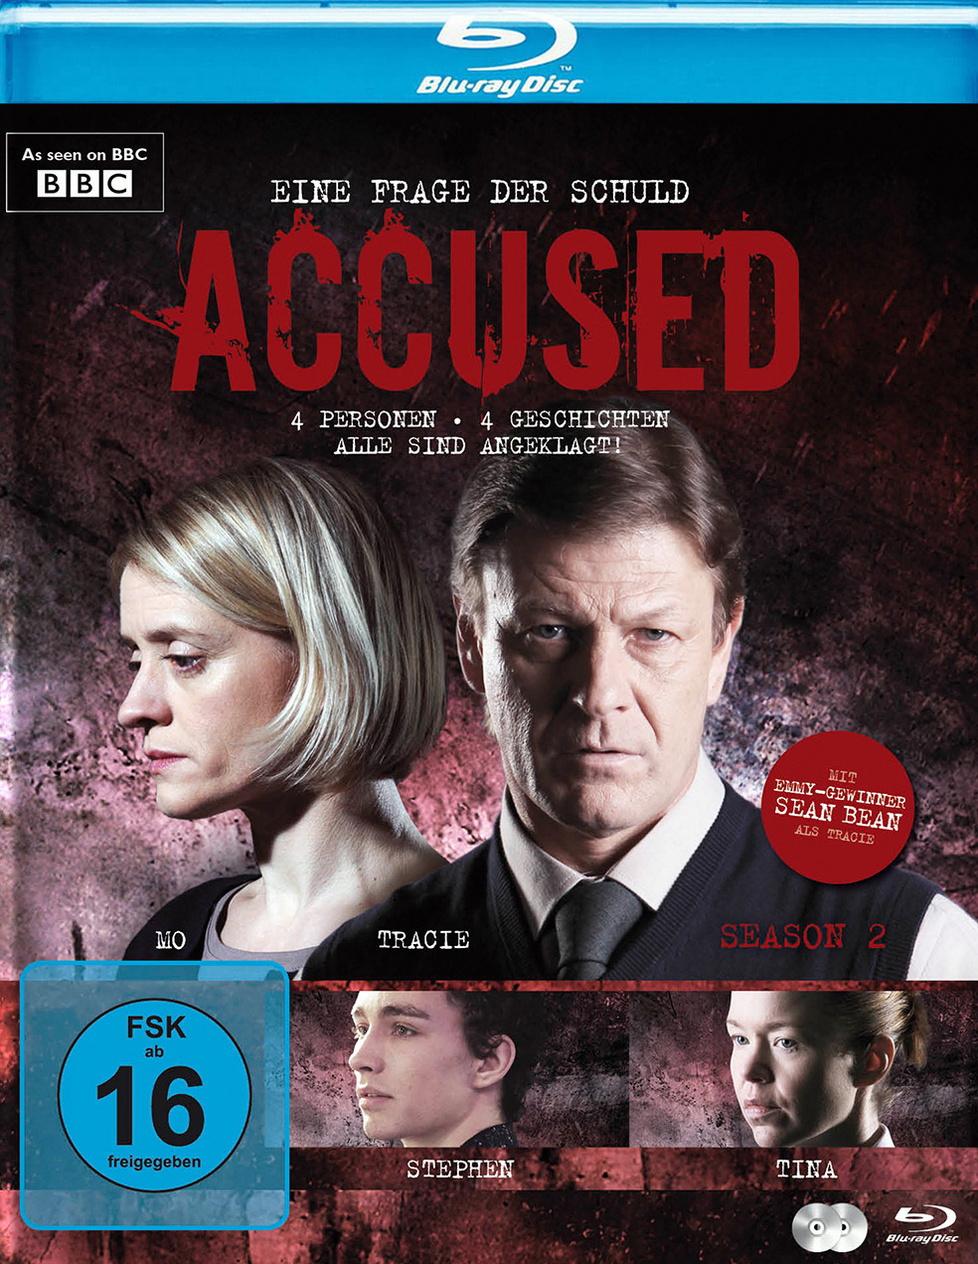 Accused - Eine Frage der Schuld: Season 2